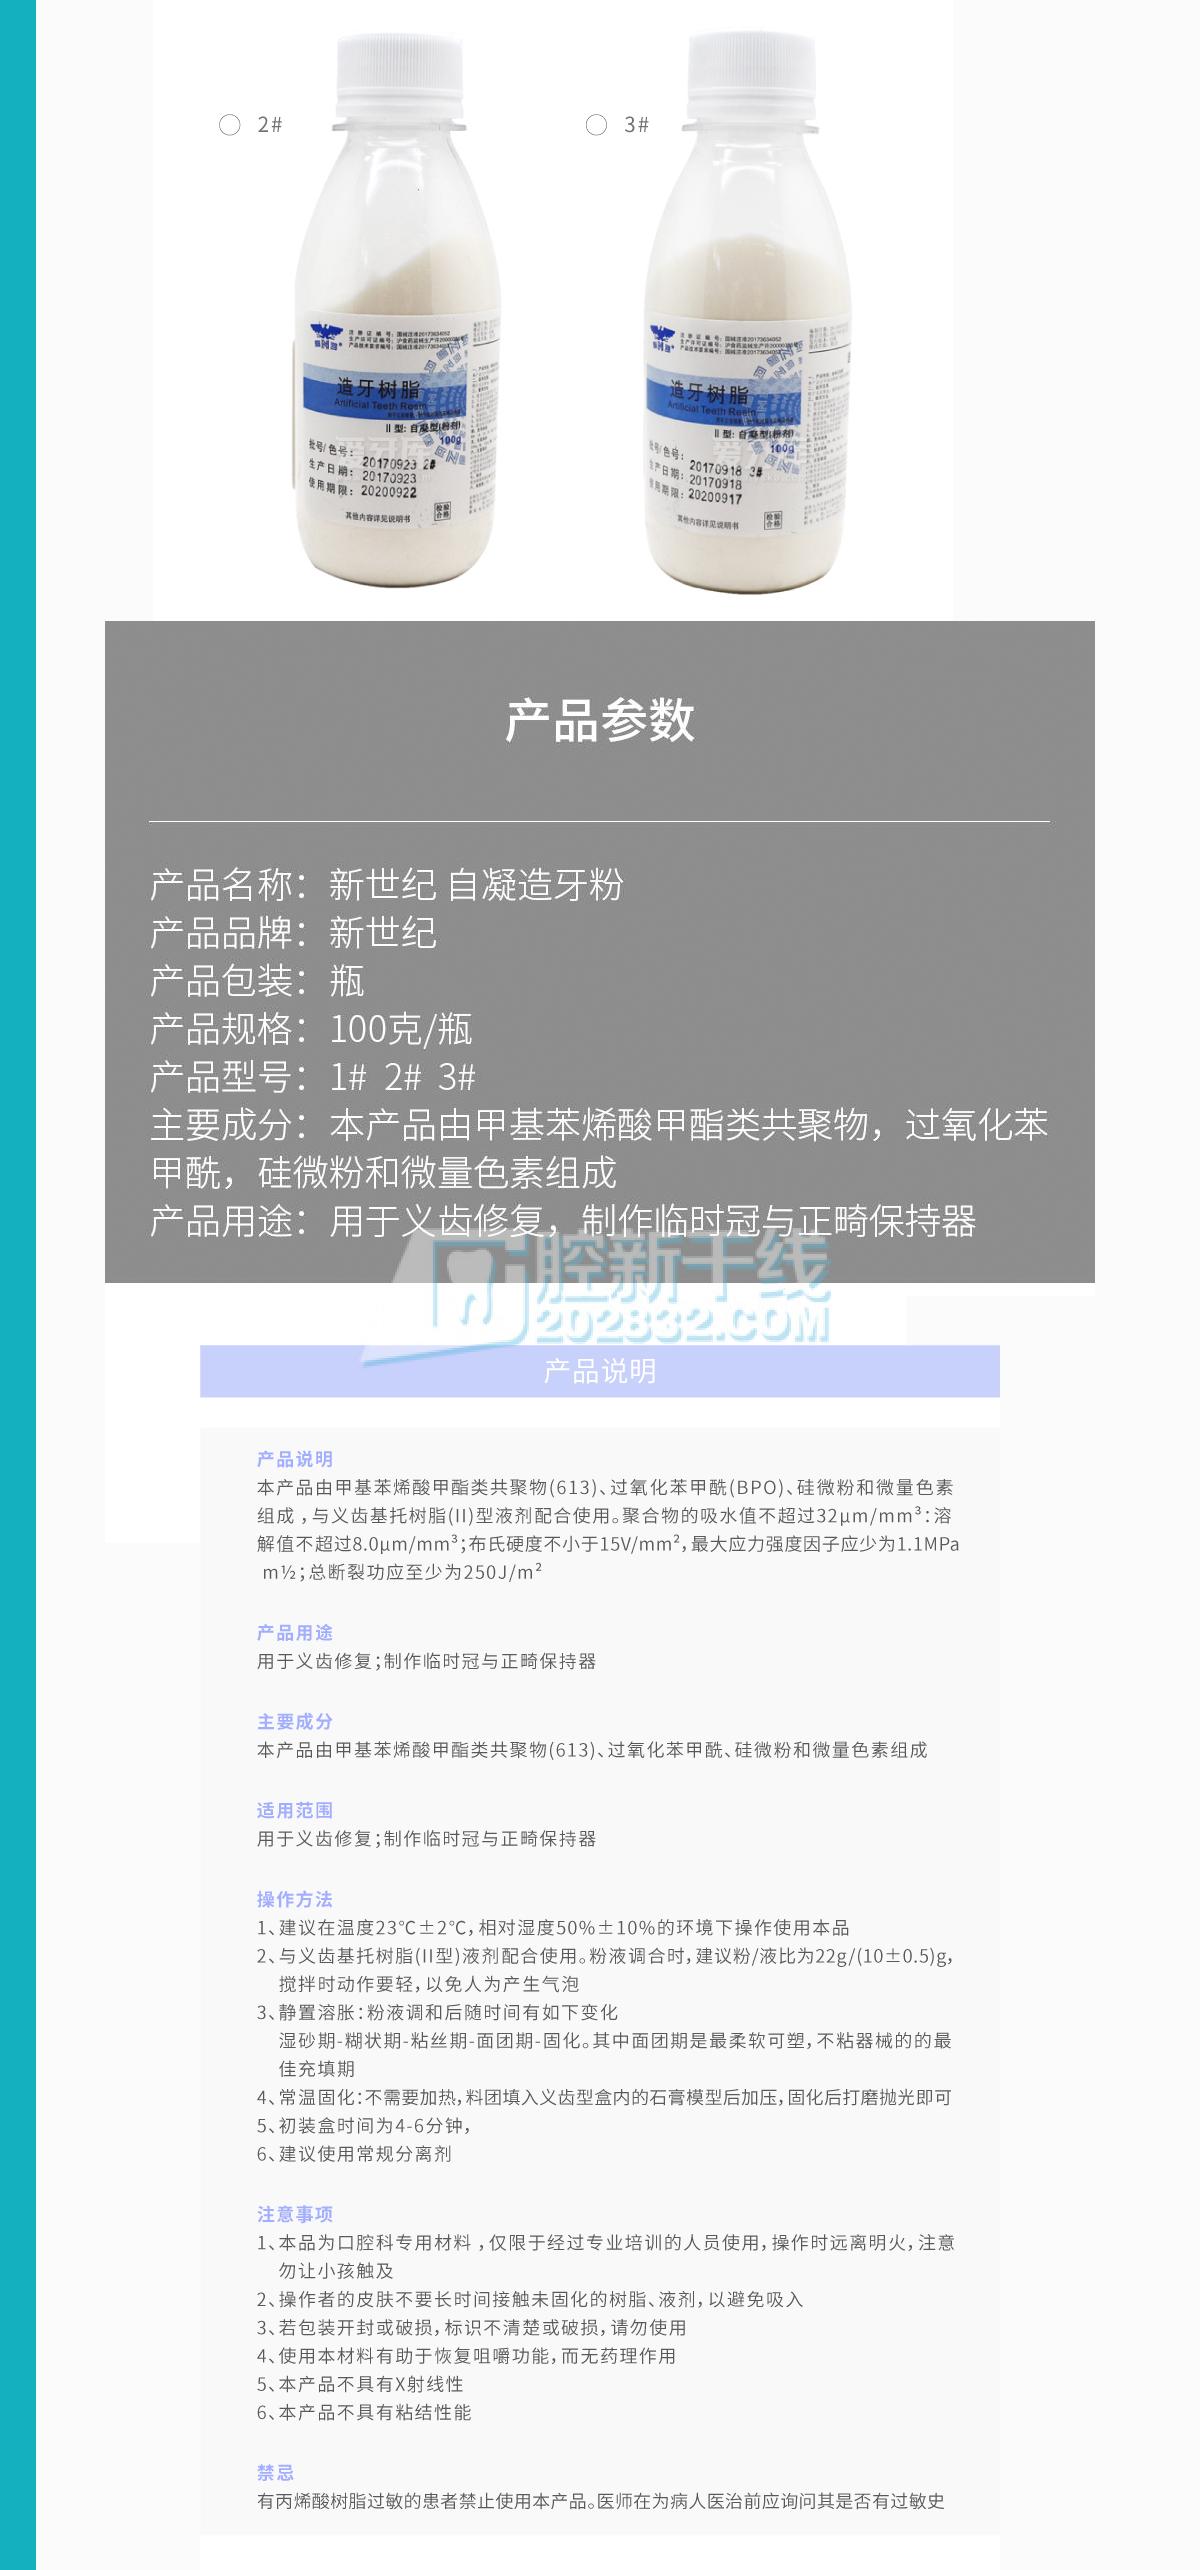 产品详情页规范-3.png